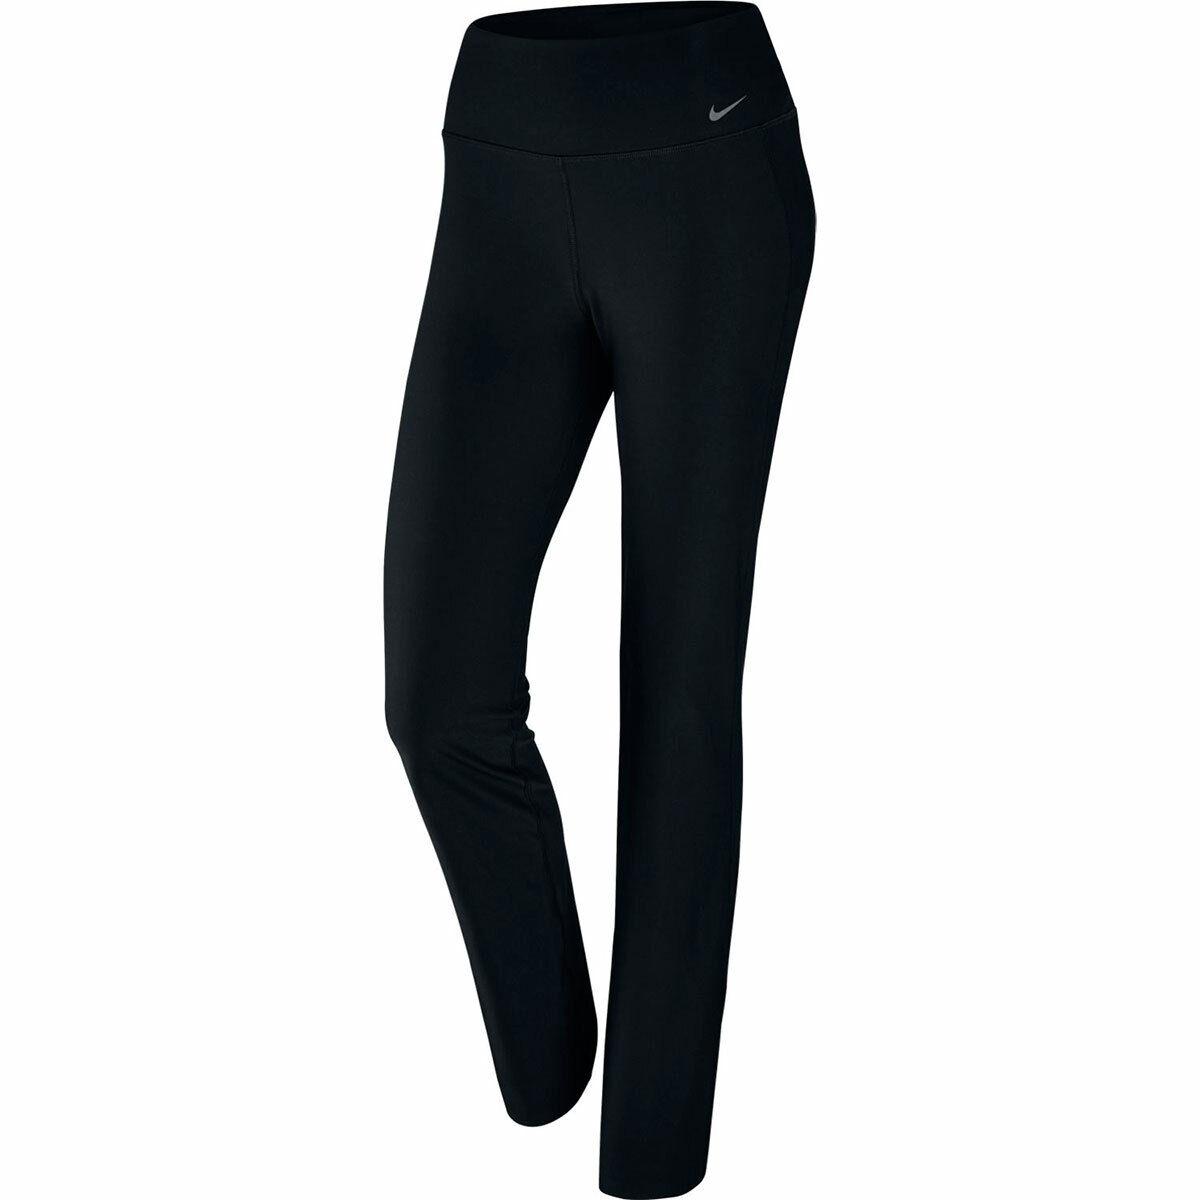 nuevo   Negro gris Frío [s] Nike Wohombres Power Pantalones De Entrenamiento  Compra calidad 100% autentica